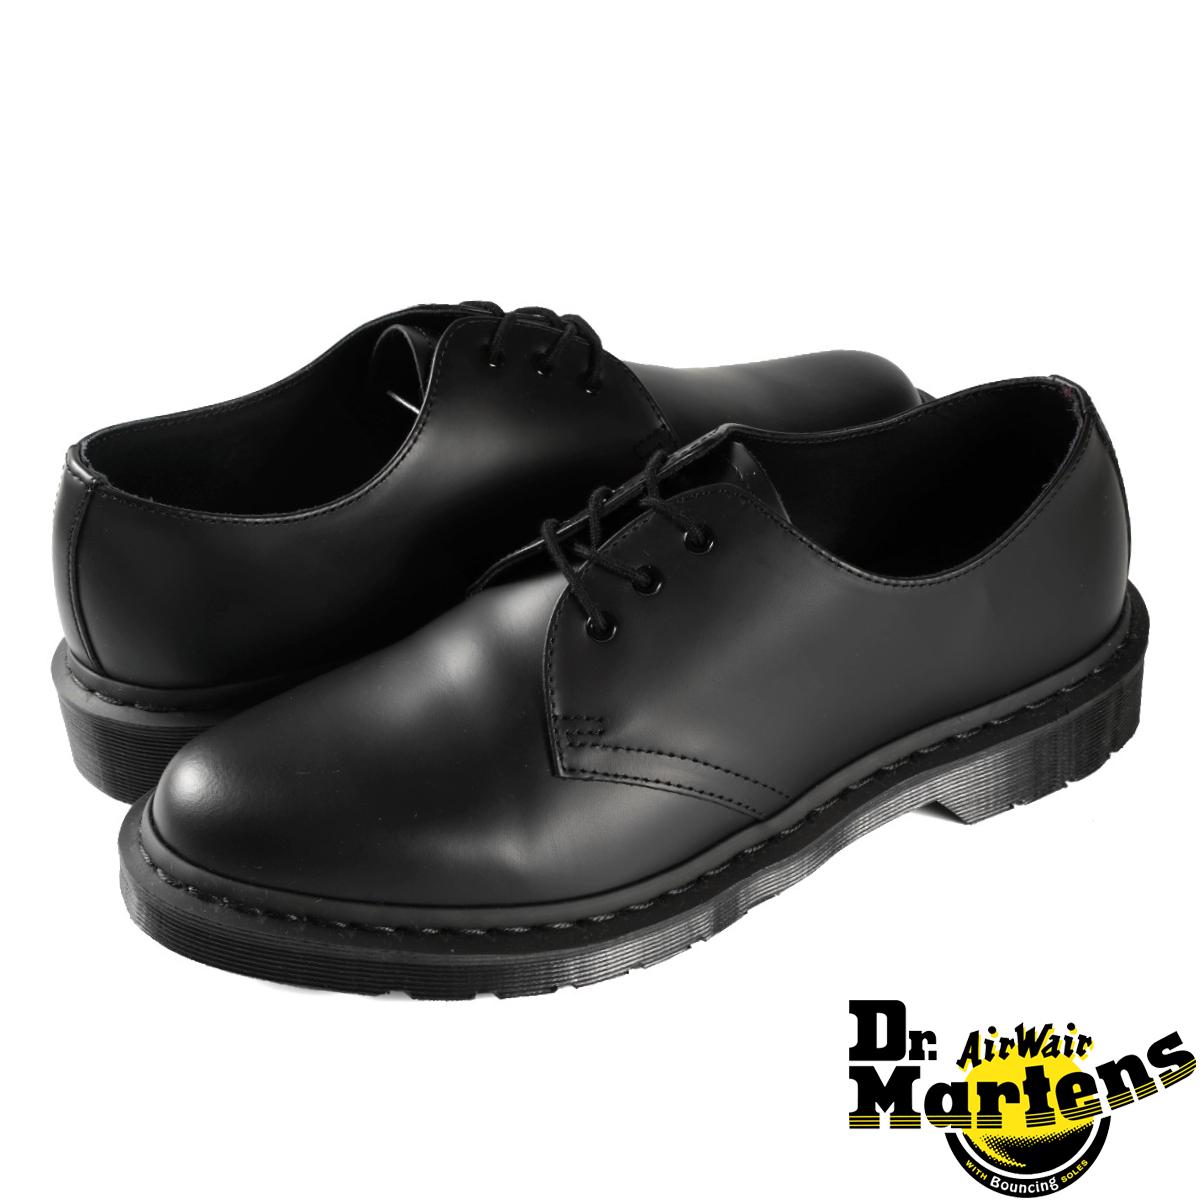 Dr.Martens 1461 3EYE GIBSON SHOES R14345001 【メンズ】【レディース】 ドクターマーチン 3アイレット ギブソンシューズ BLACK MONO